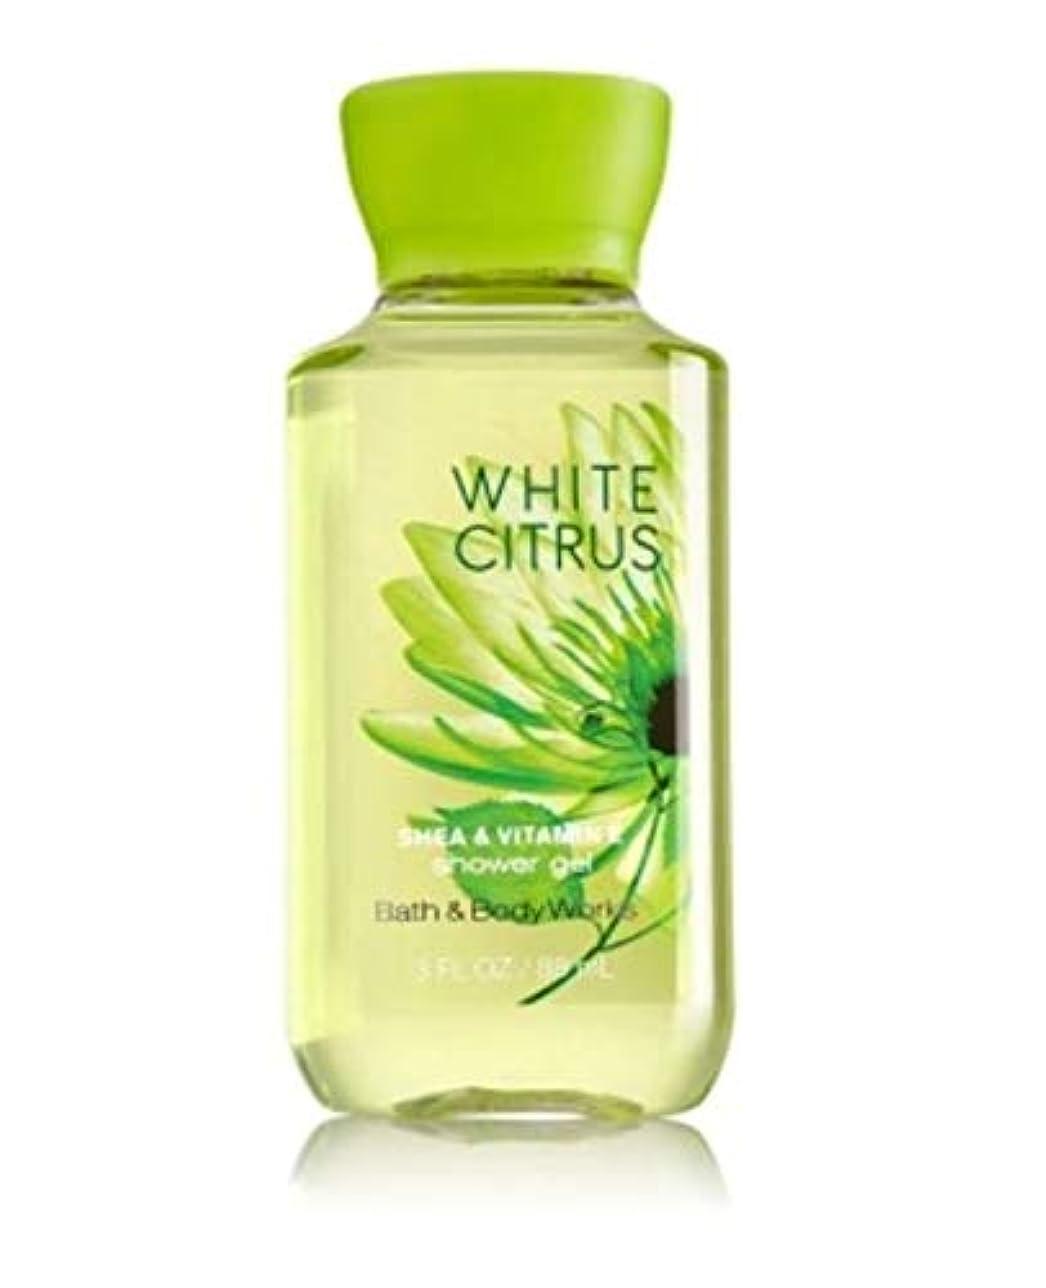 急流油必須バス&ボディワークス ホワイトシトラス シャワージェル White Citrus トラベルサイズ [並行輸入品]